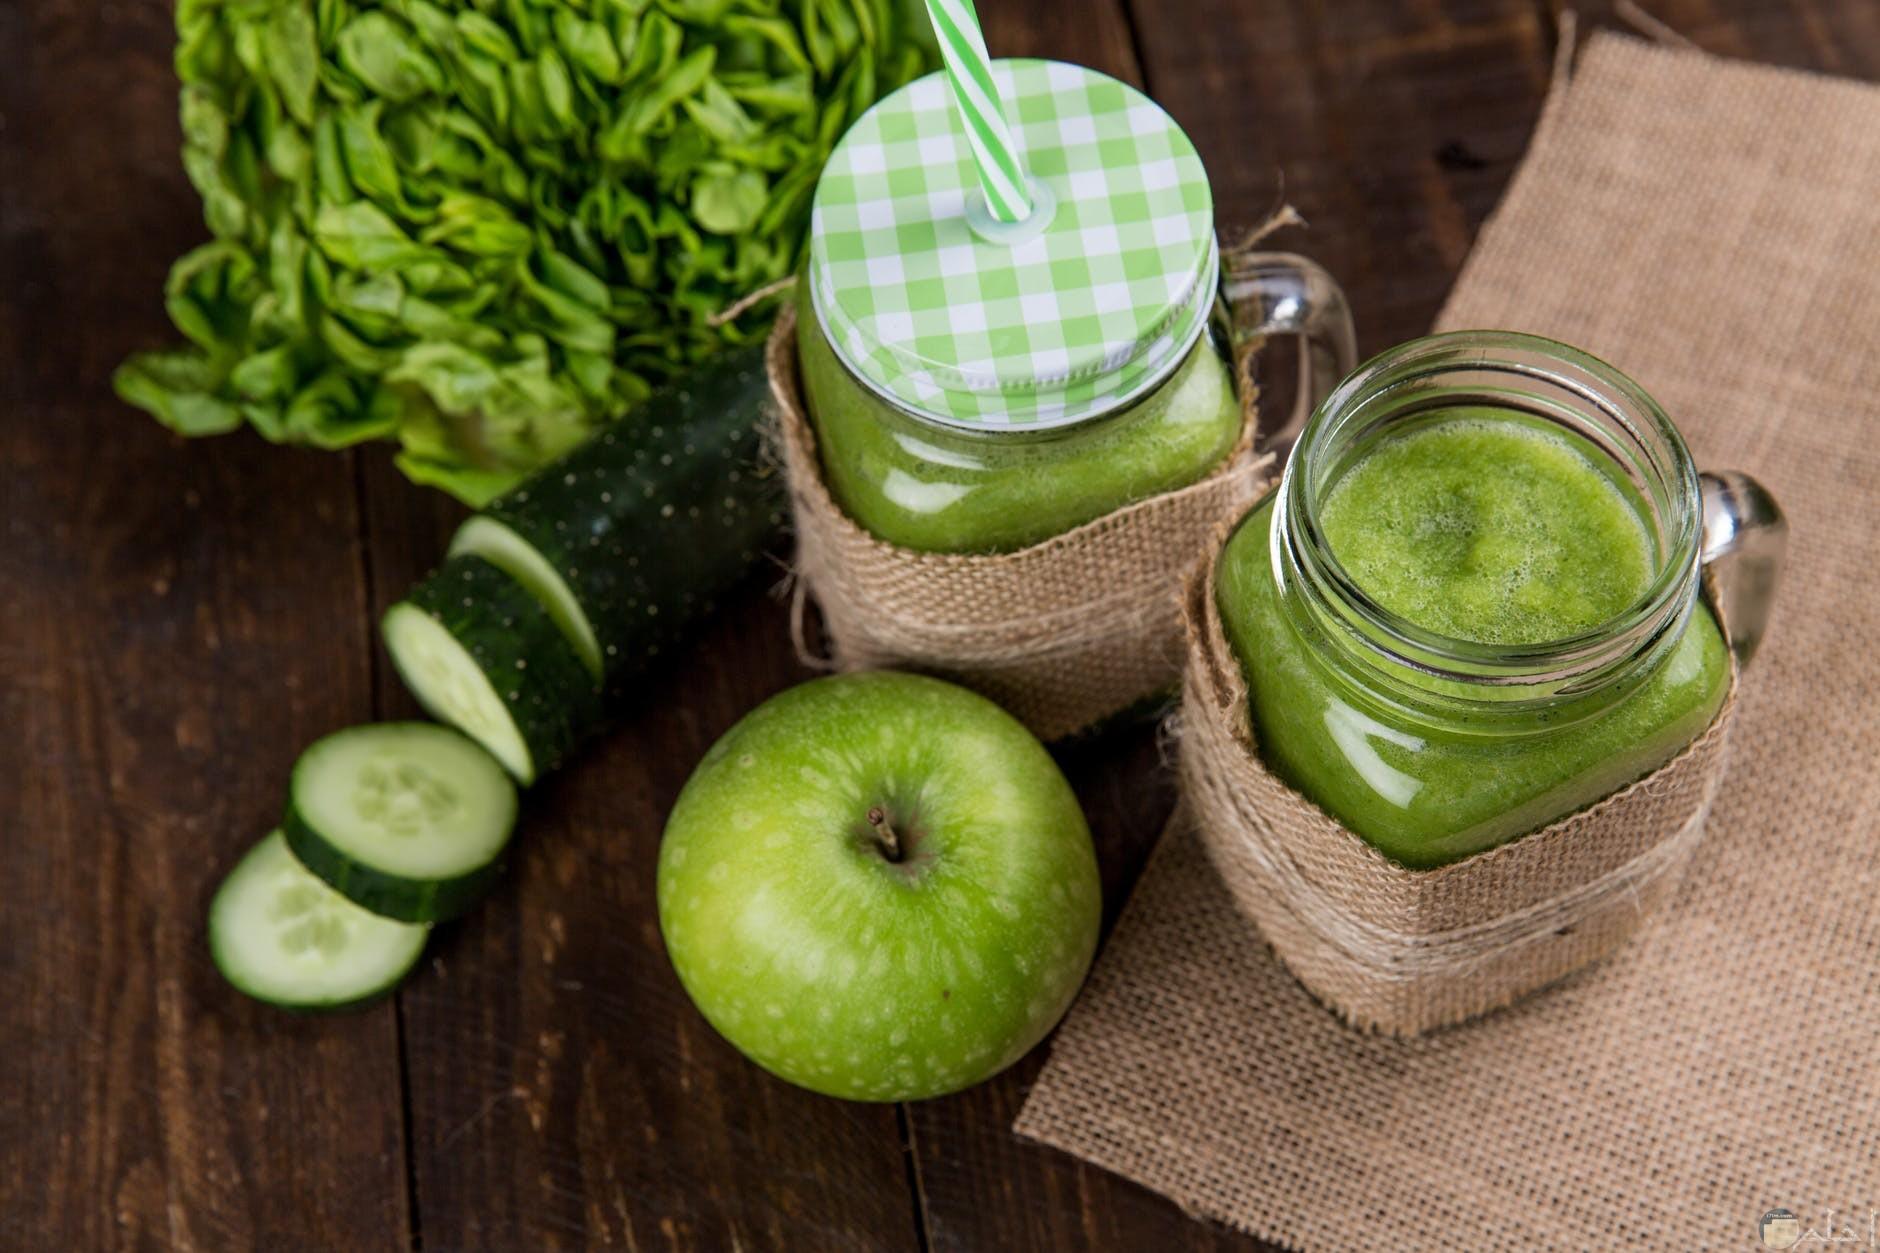 الخيار وفوائده مع التفاح الاخضر